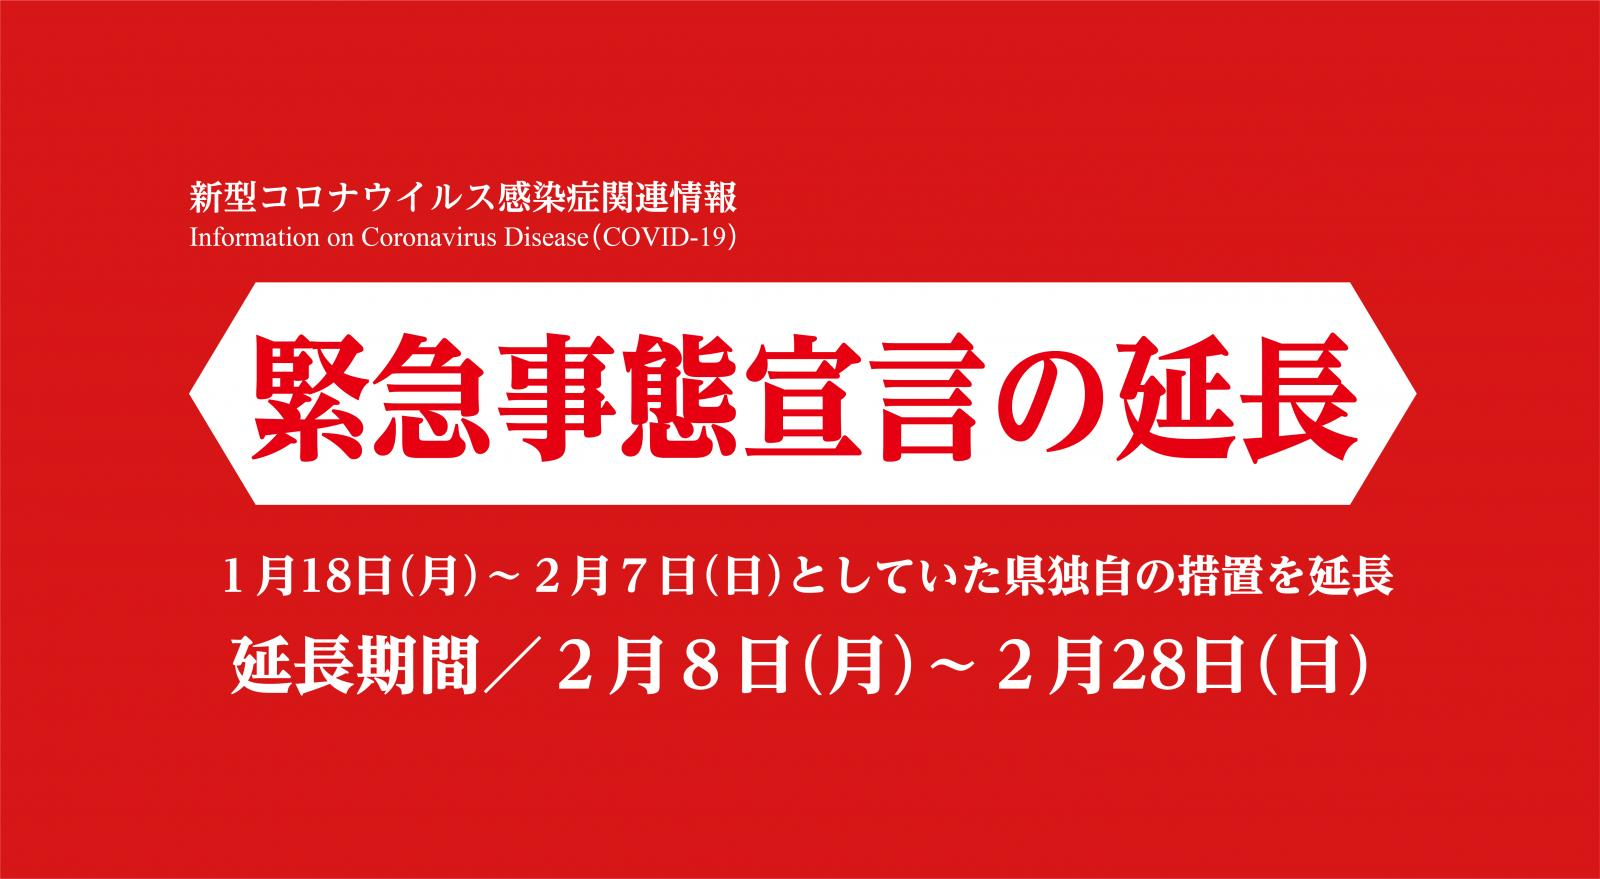 解除 茨城 宣言 県 事態 緊急